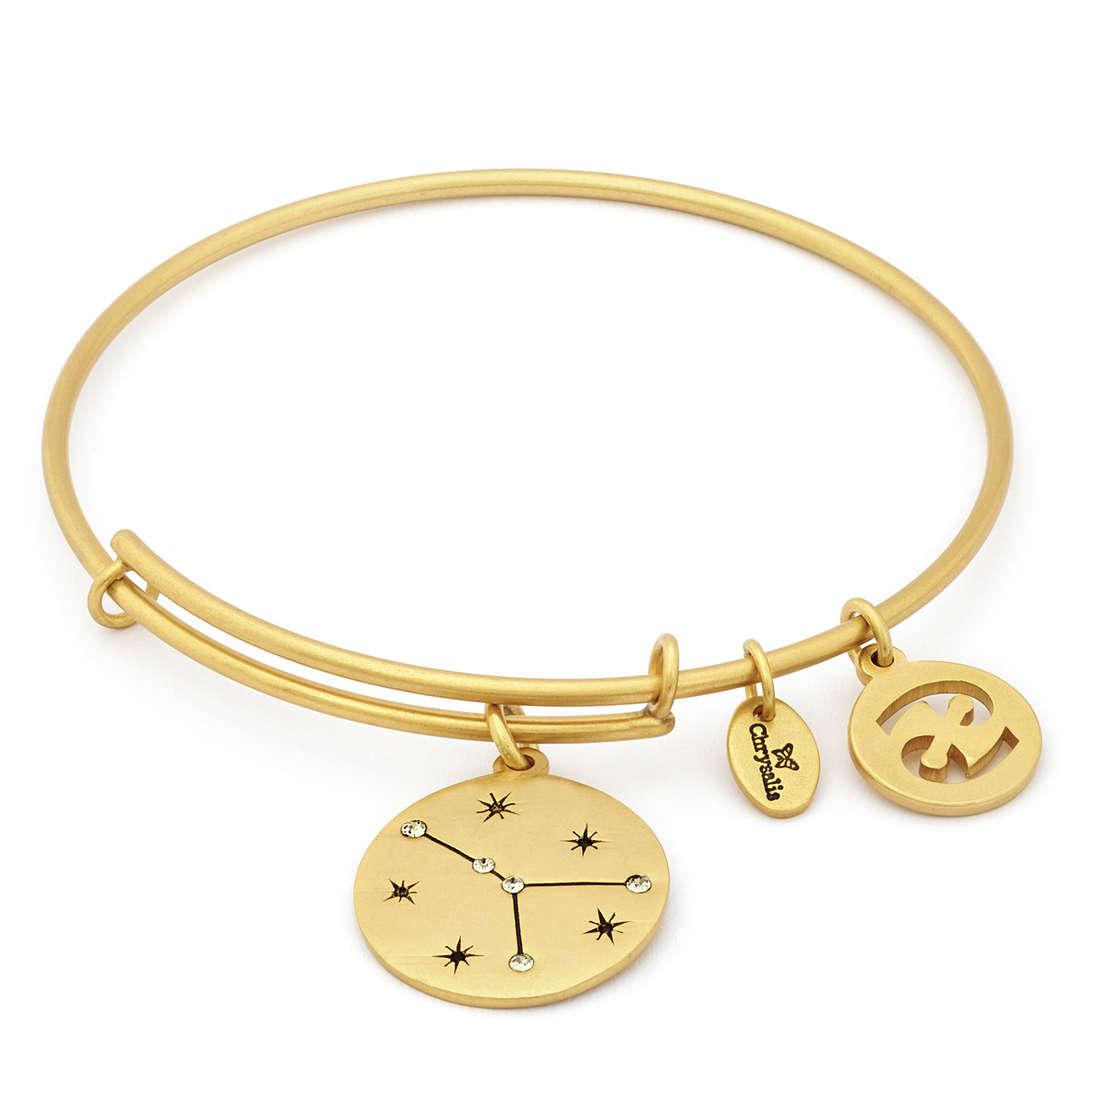 vendite speciali raccolta di sconti pacchetto alla moda e attraente Dettagli su bracciale donna gioielli Chrysalis Zodiaco offerta trendy cod.  CRBT1304GP